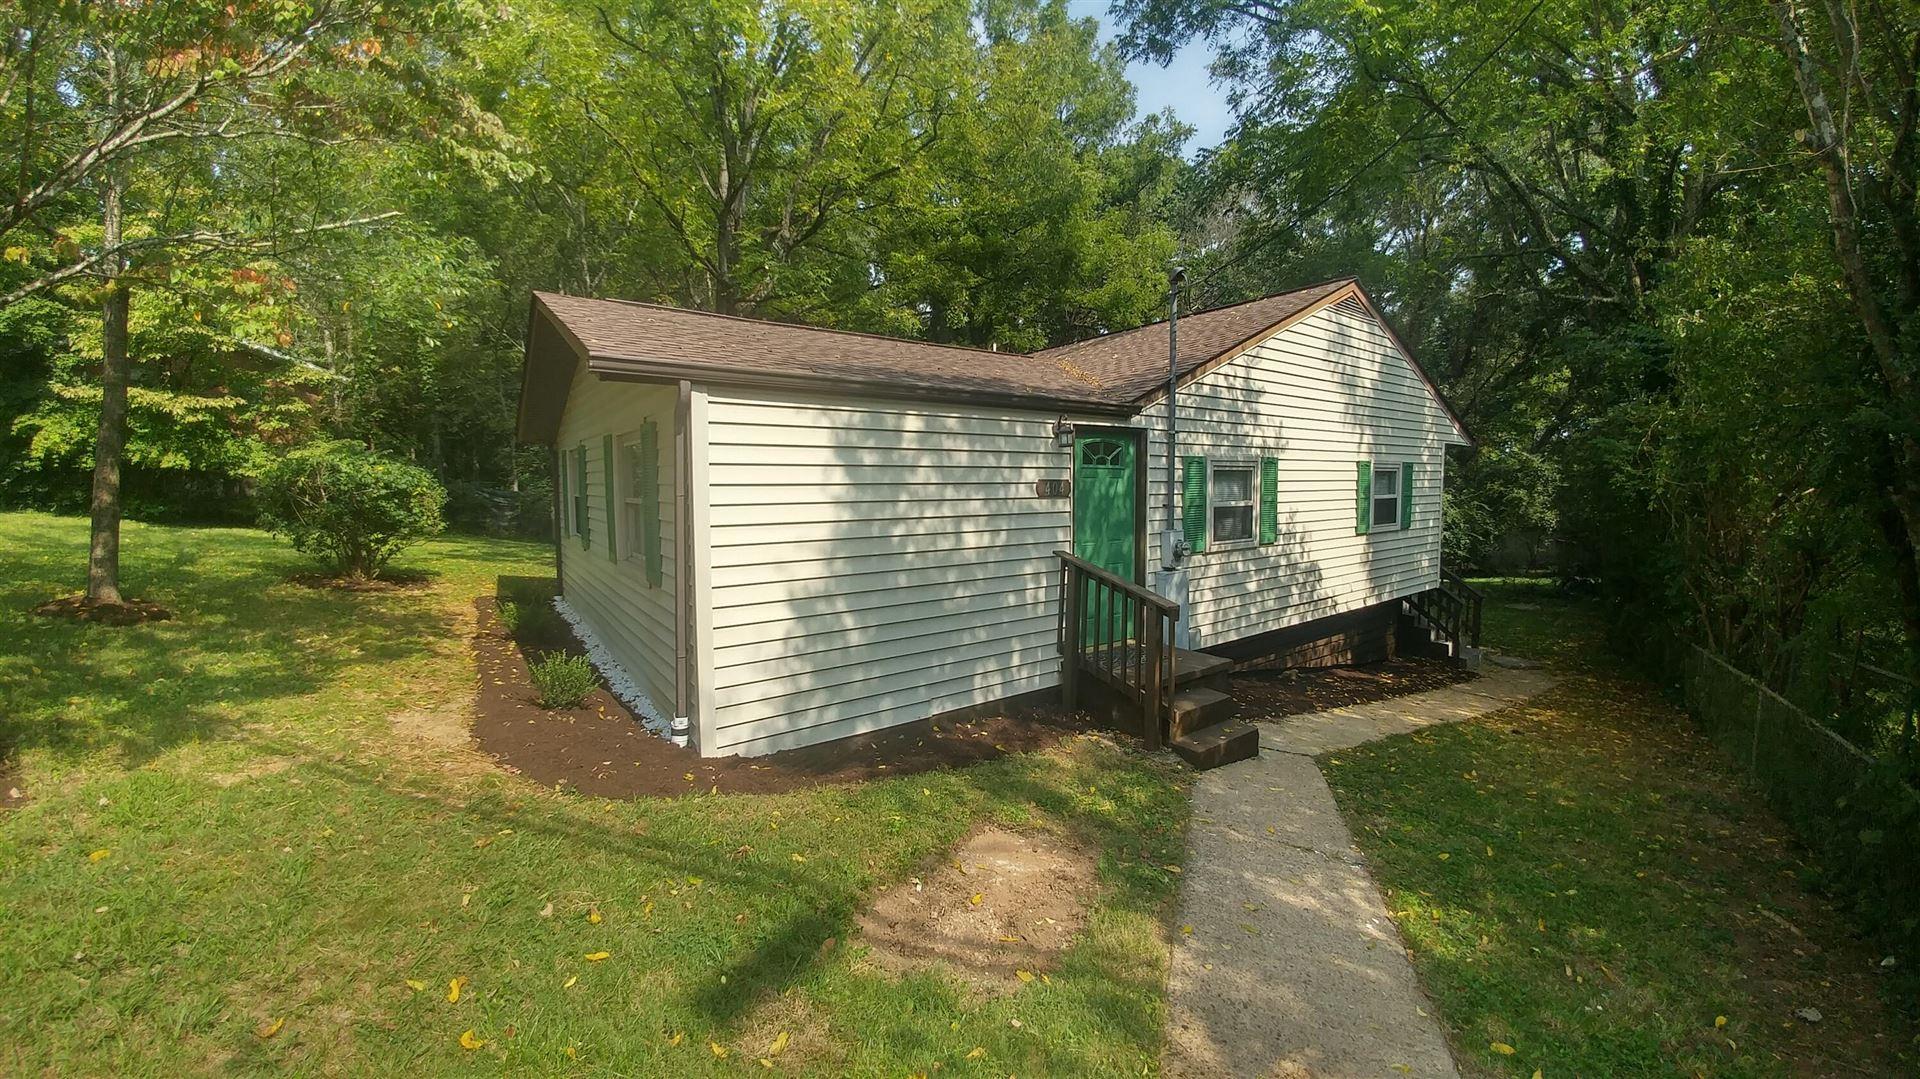 Photo of 404 Jefferson Ave, Oak Ridge, TN 37830 (MLS # 1167300)